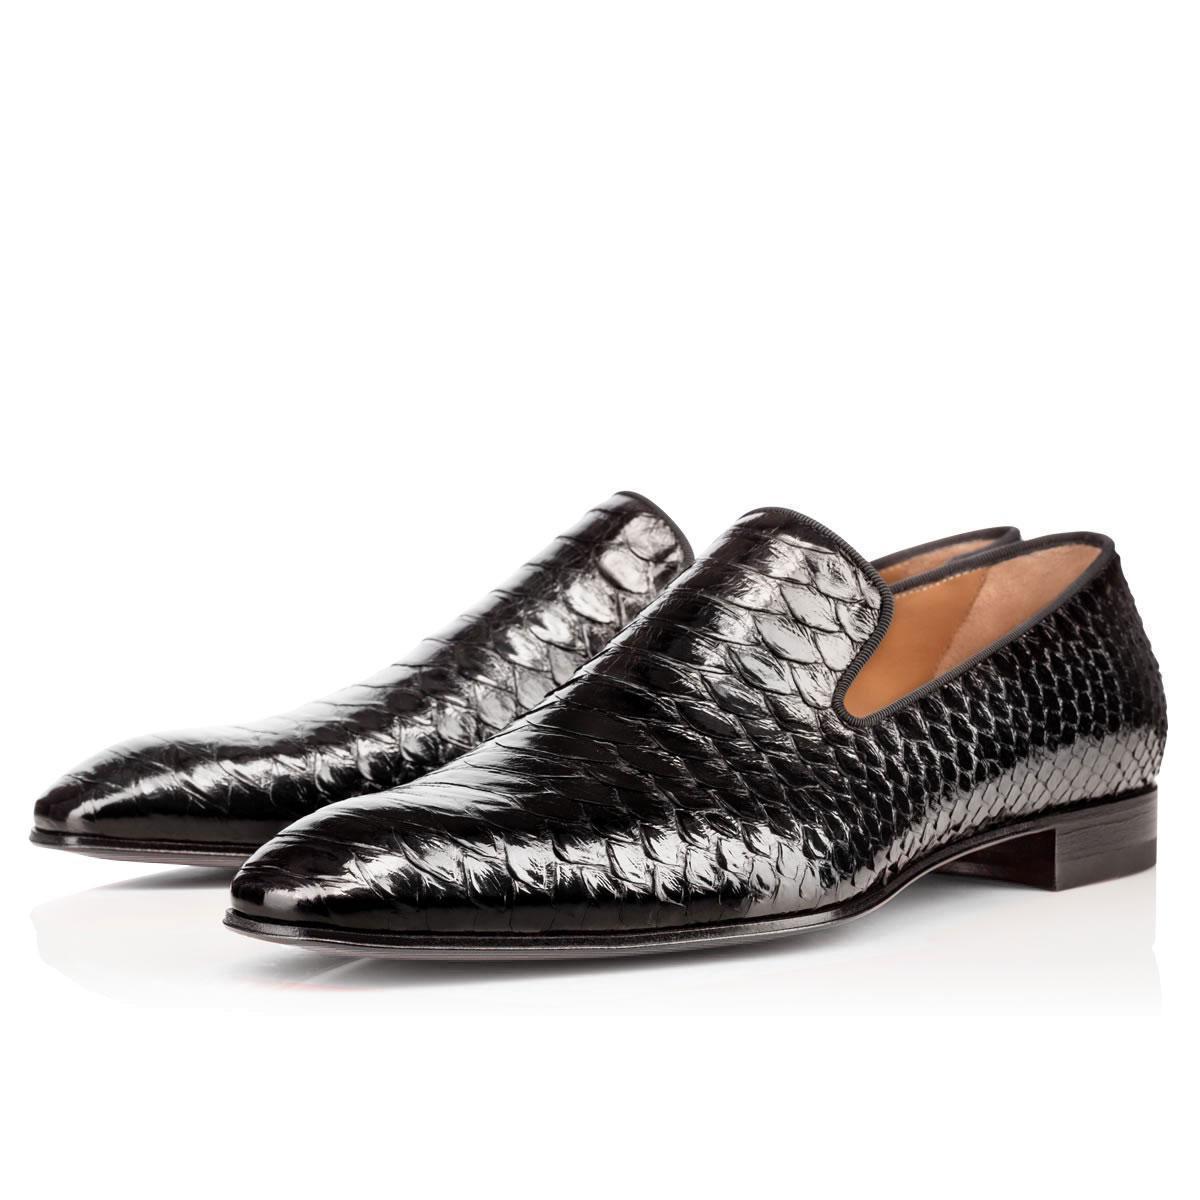 модельер мужские туфли мокасины черный красный шип лакированной кожи скольжения на подвенечное платье Flats днищ обуви для бизнеса партии d02